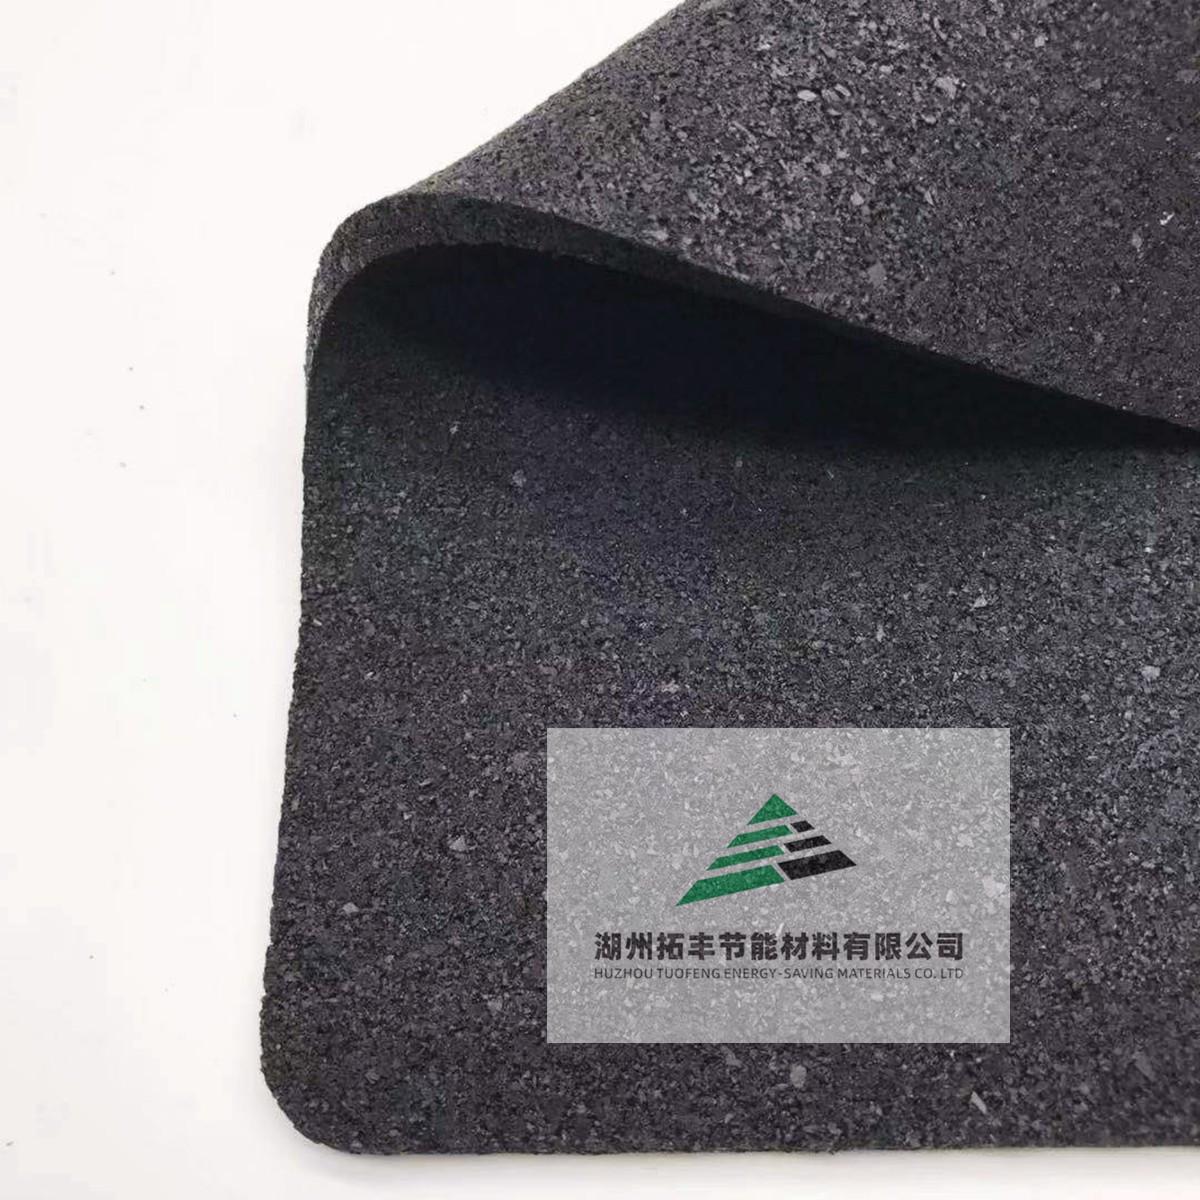 杭州5厚橡胶减震垫,酒店隔音减震专用,彩色橡胶颗粒地垫,橡胶颗粒地垫,酒店隔音垫